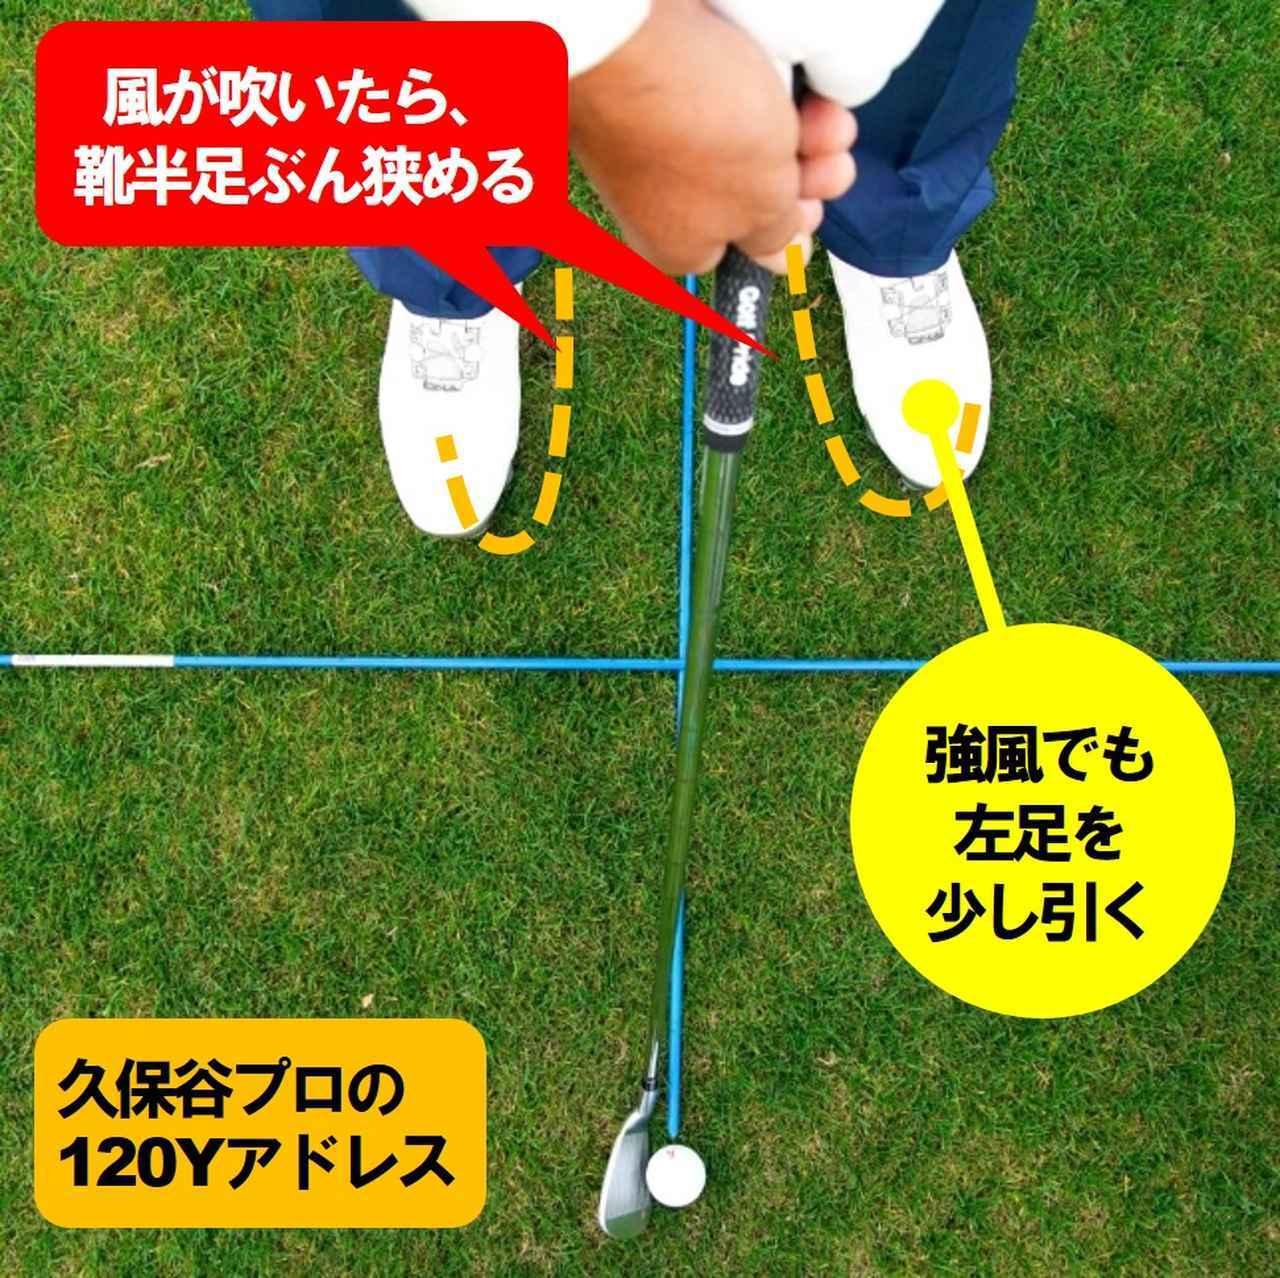 画像1: 風が強くても、ボールの位置は変わらない